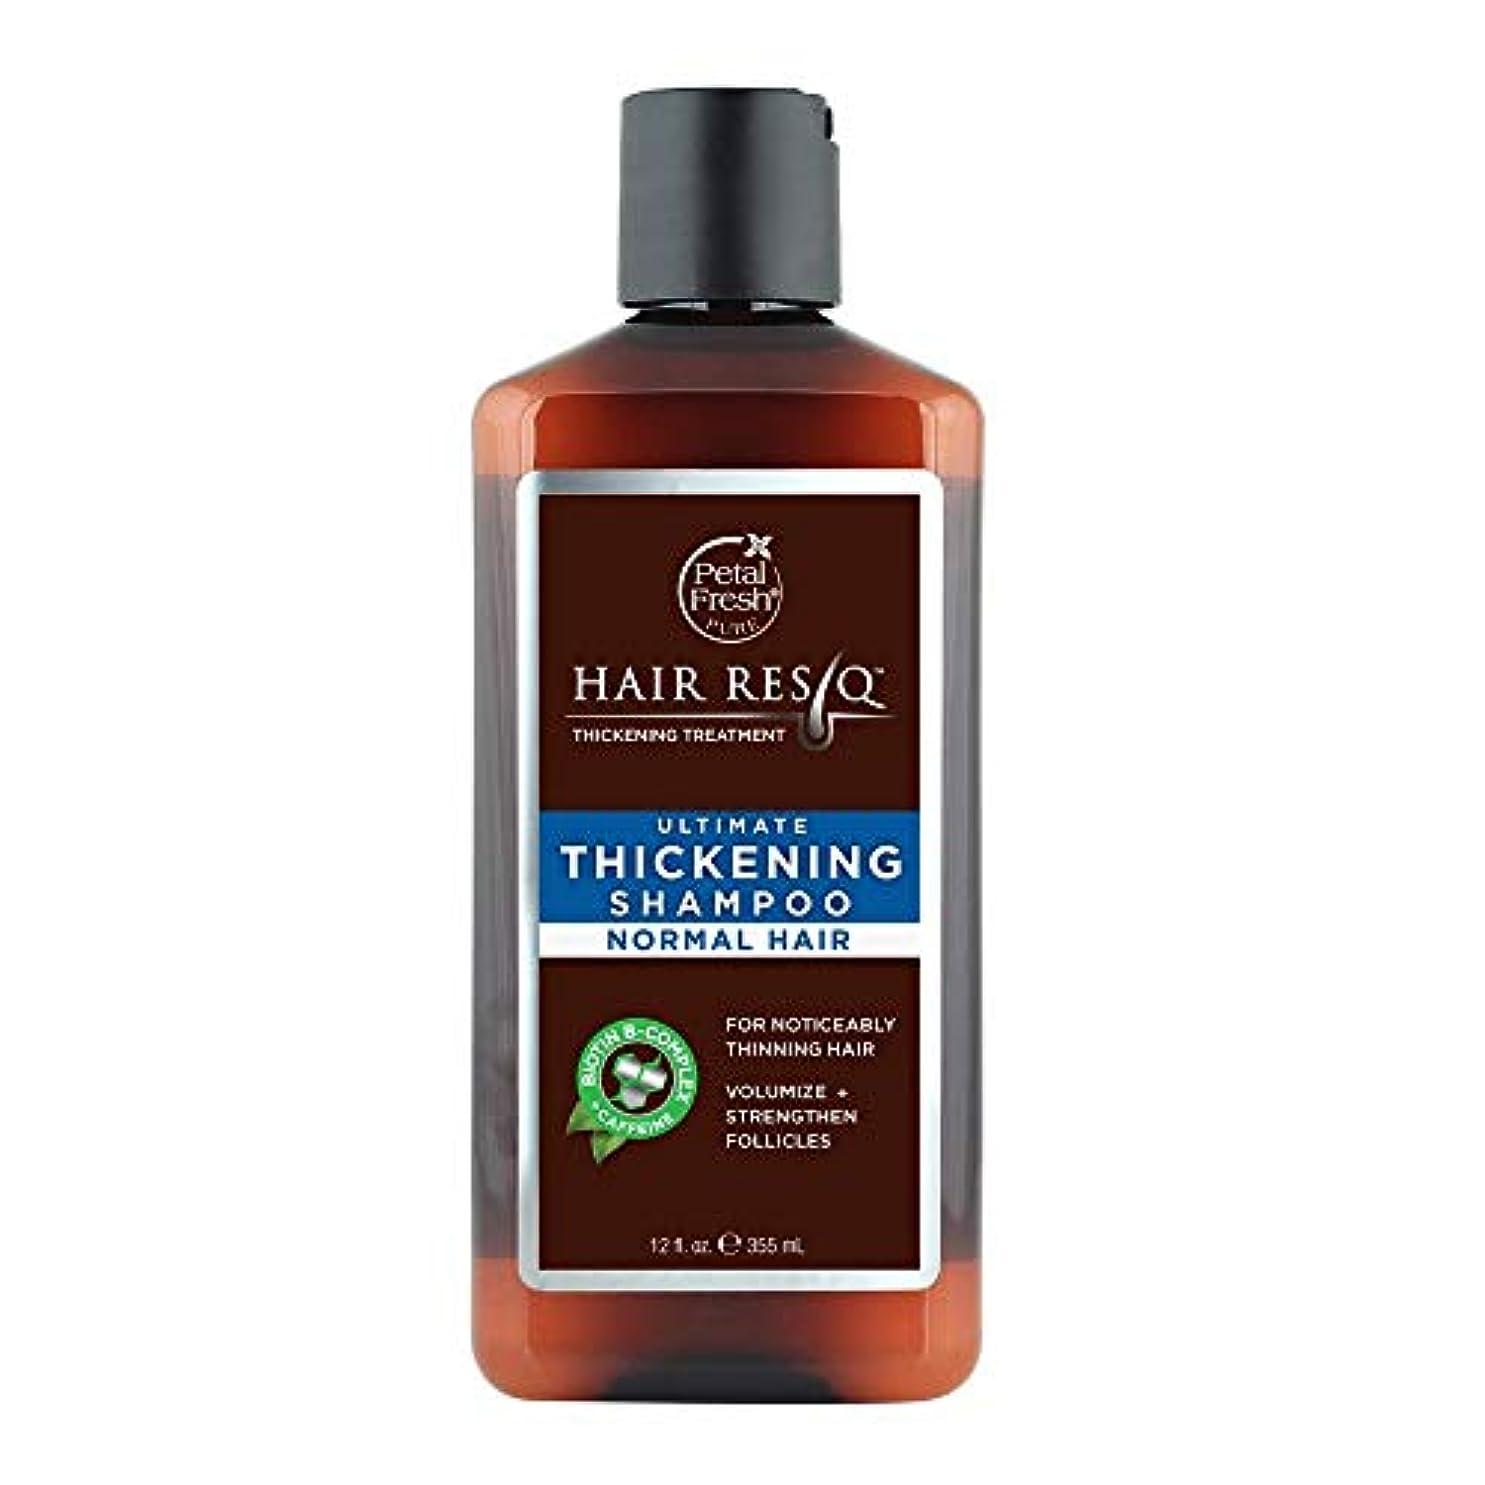 ストライク更新する生命体Petal Fresh ペタルフレッシュ ピュア 強く太く健康的な髪する シャンプー 12 fl oz (355 ml) [並行輸入品]